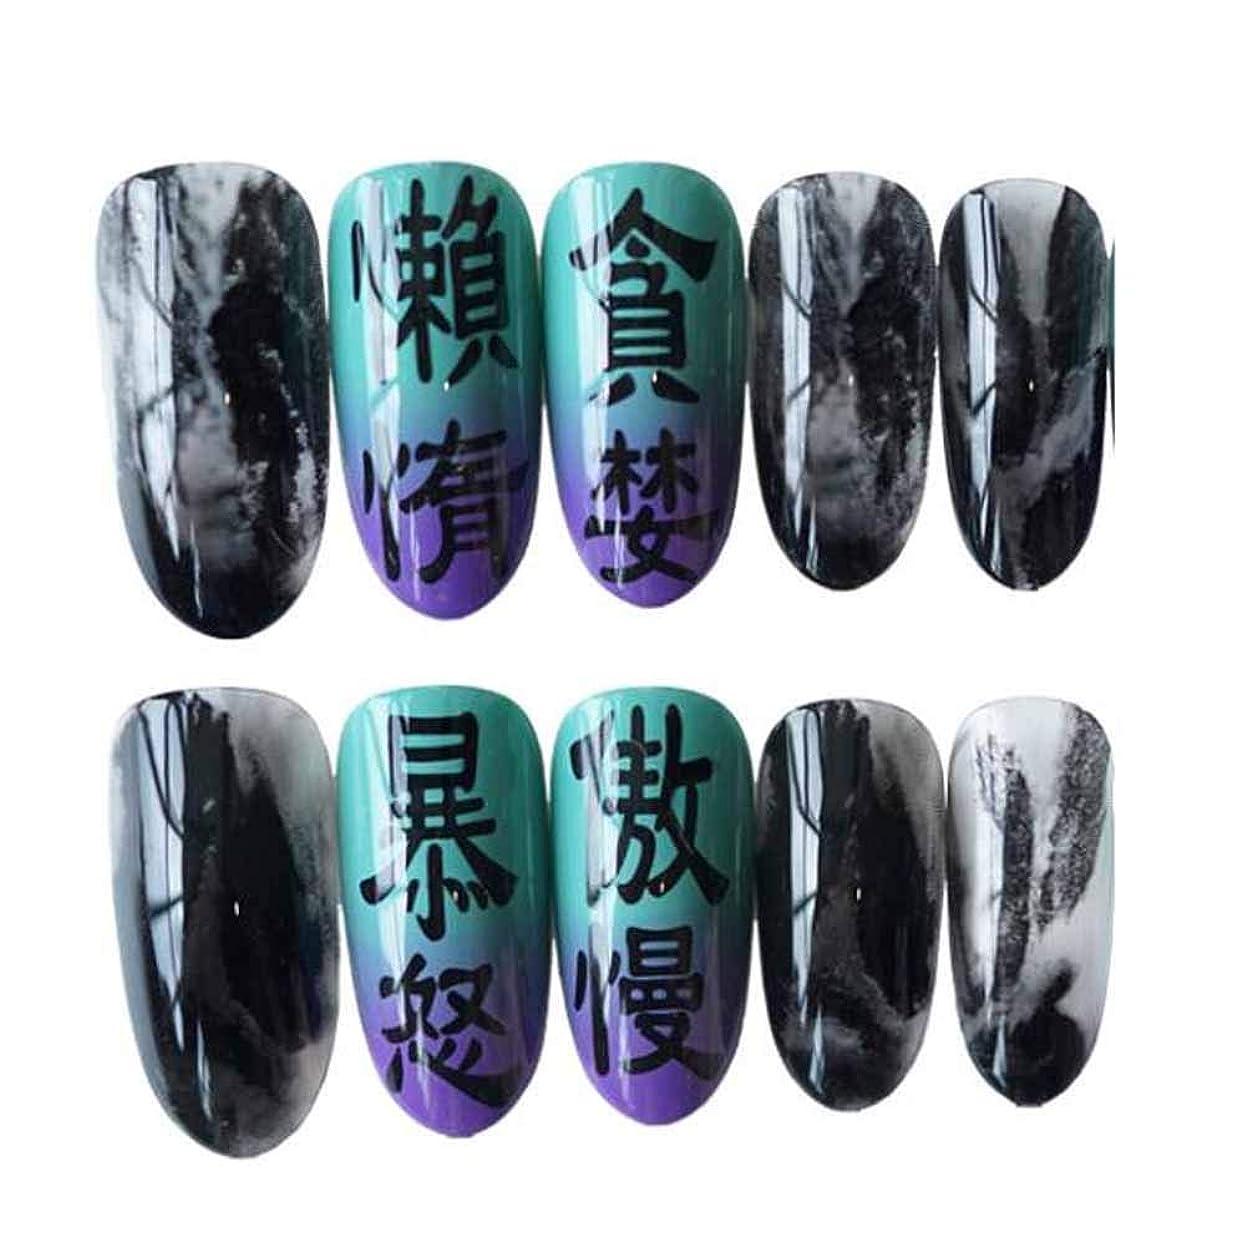 オークションリファインアーティファクト嫉妬 - 紫/黒のシャープな偽の指爪人工的な偽の爪のヒント暗い